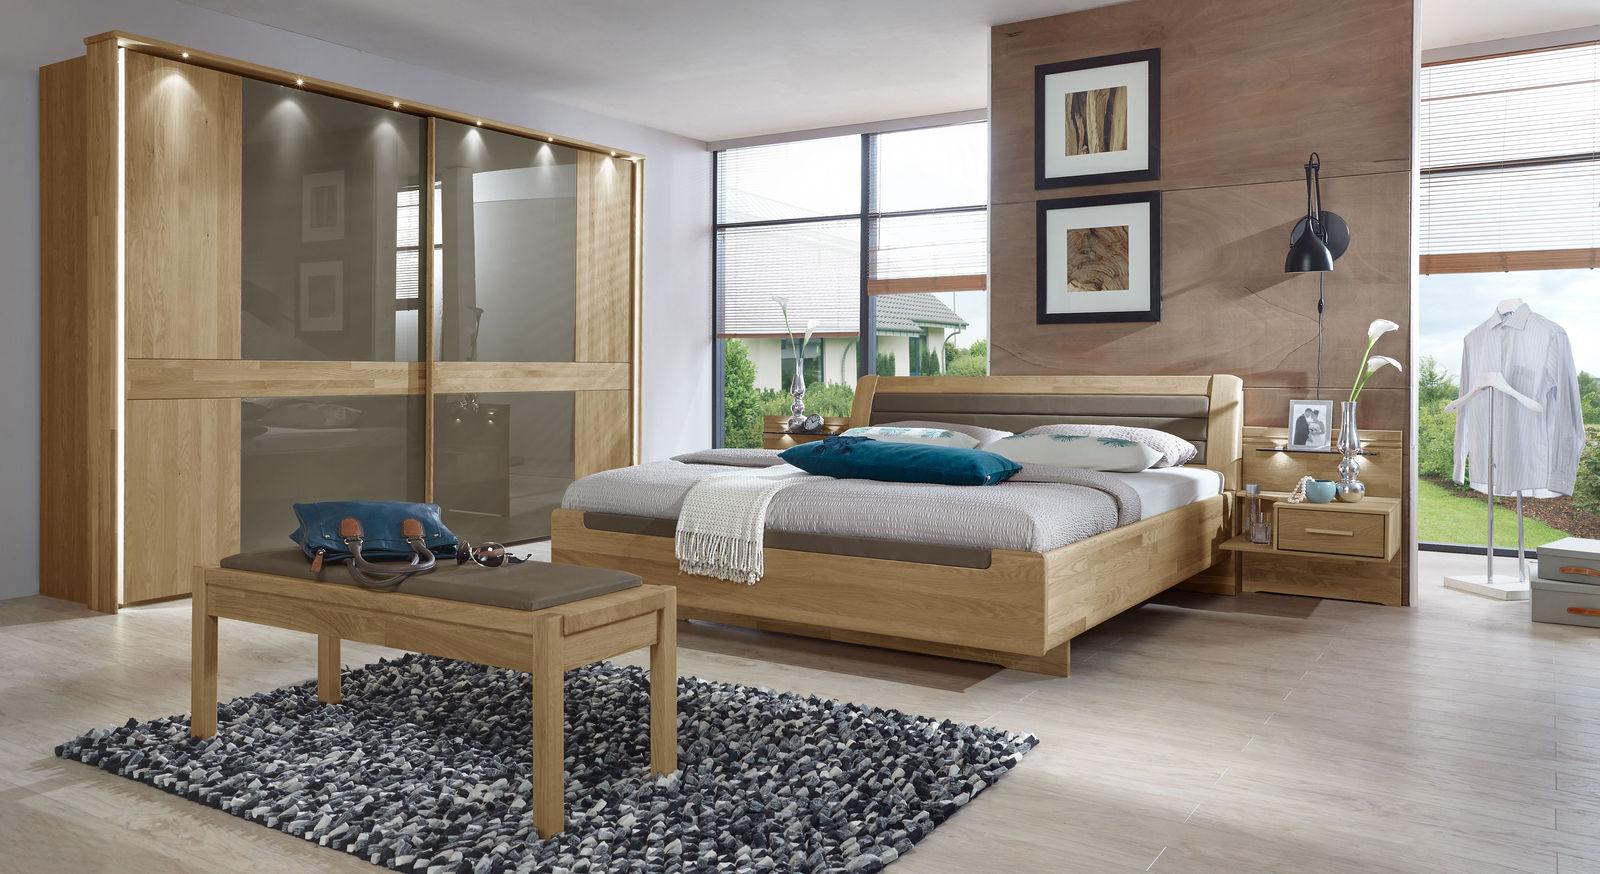 Design Schlafzimmer Komplett – progo.info